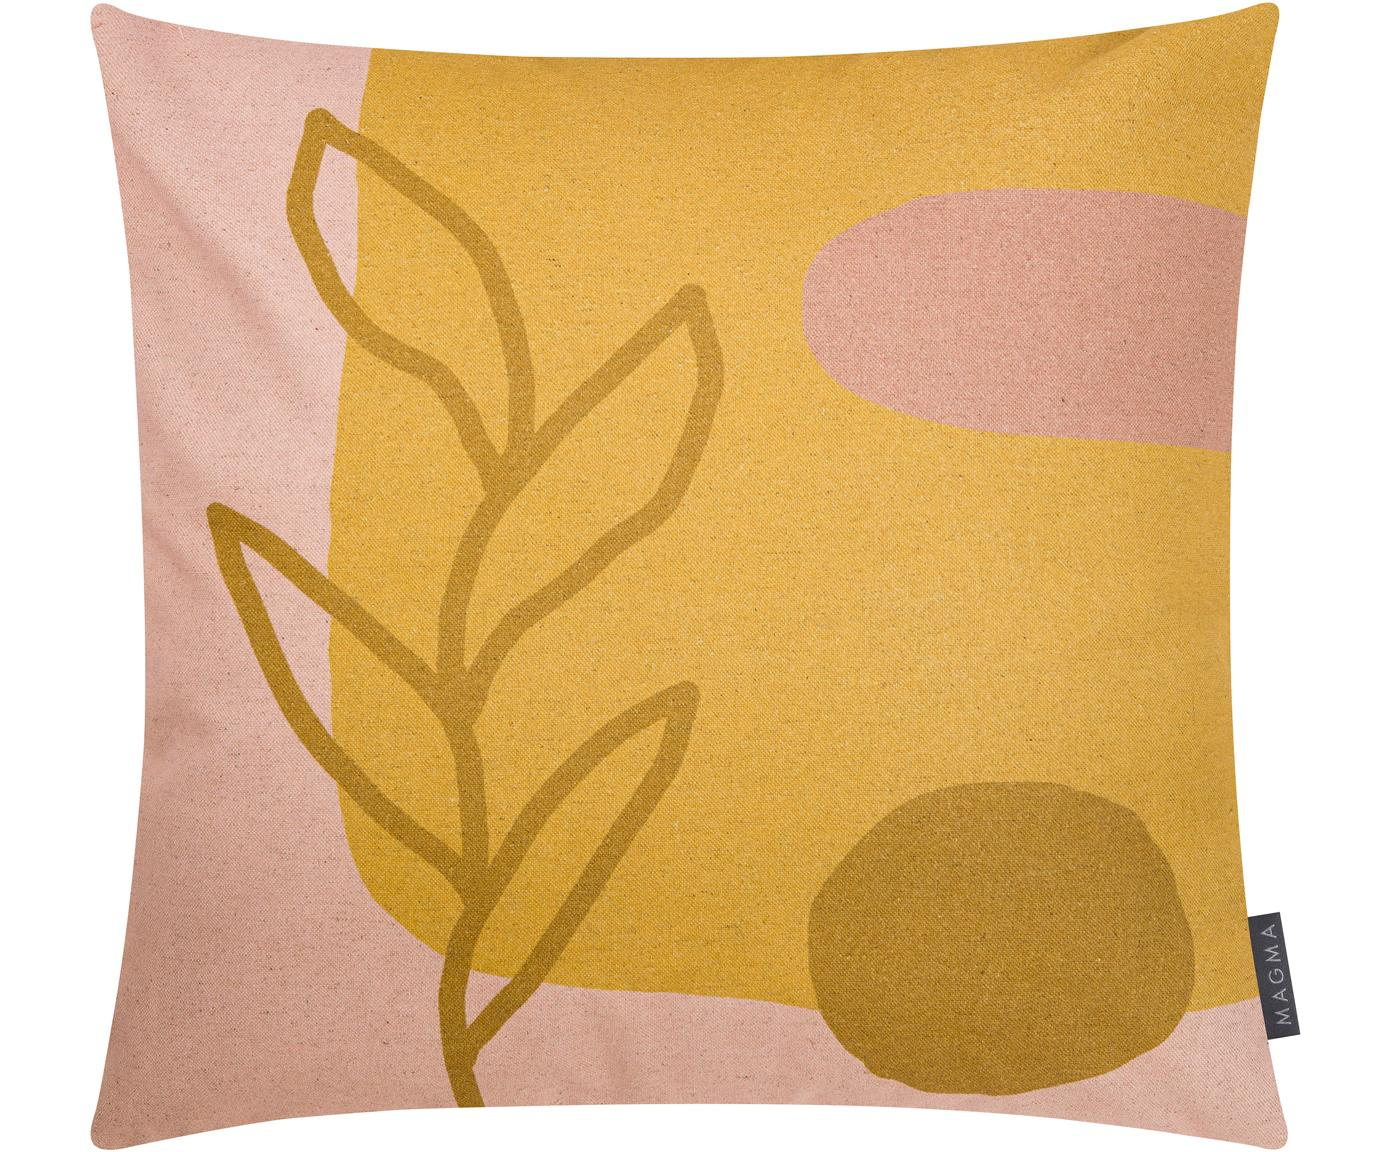 Wendekissenhülle Images mit abstraktem Motiv, 85% Baumwolle, 15% Leinen, Gelb, Rosa, Hellbraun, 50 x 50 cm